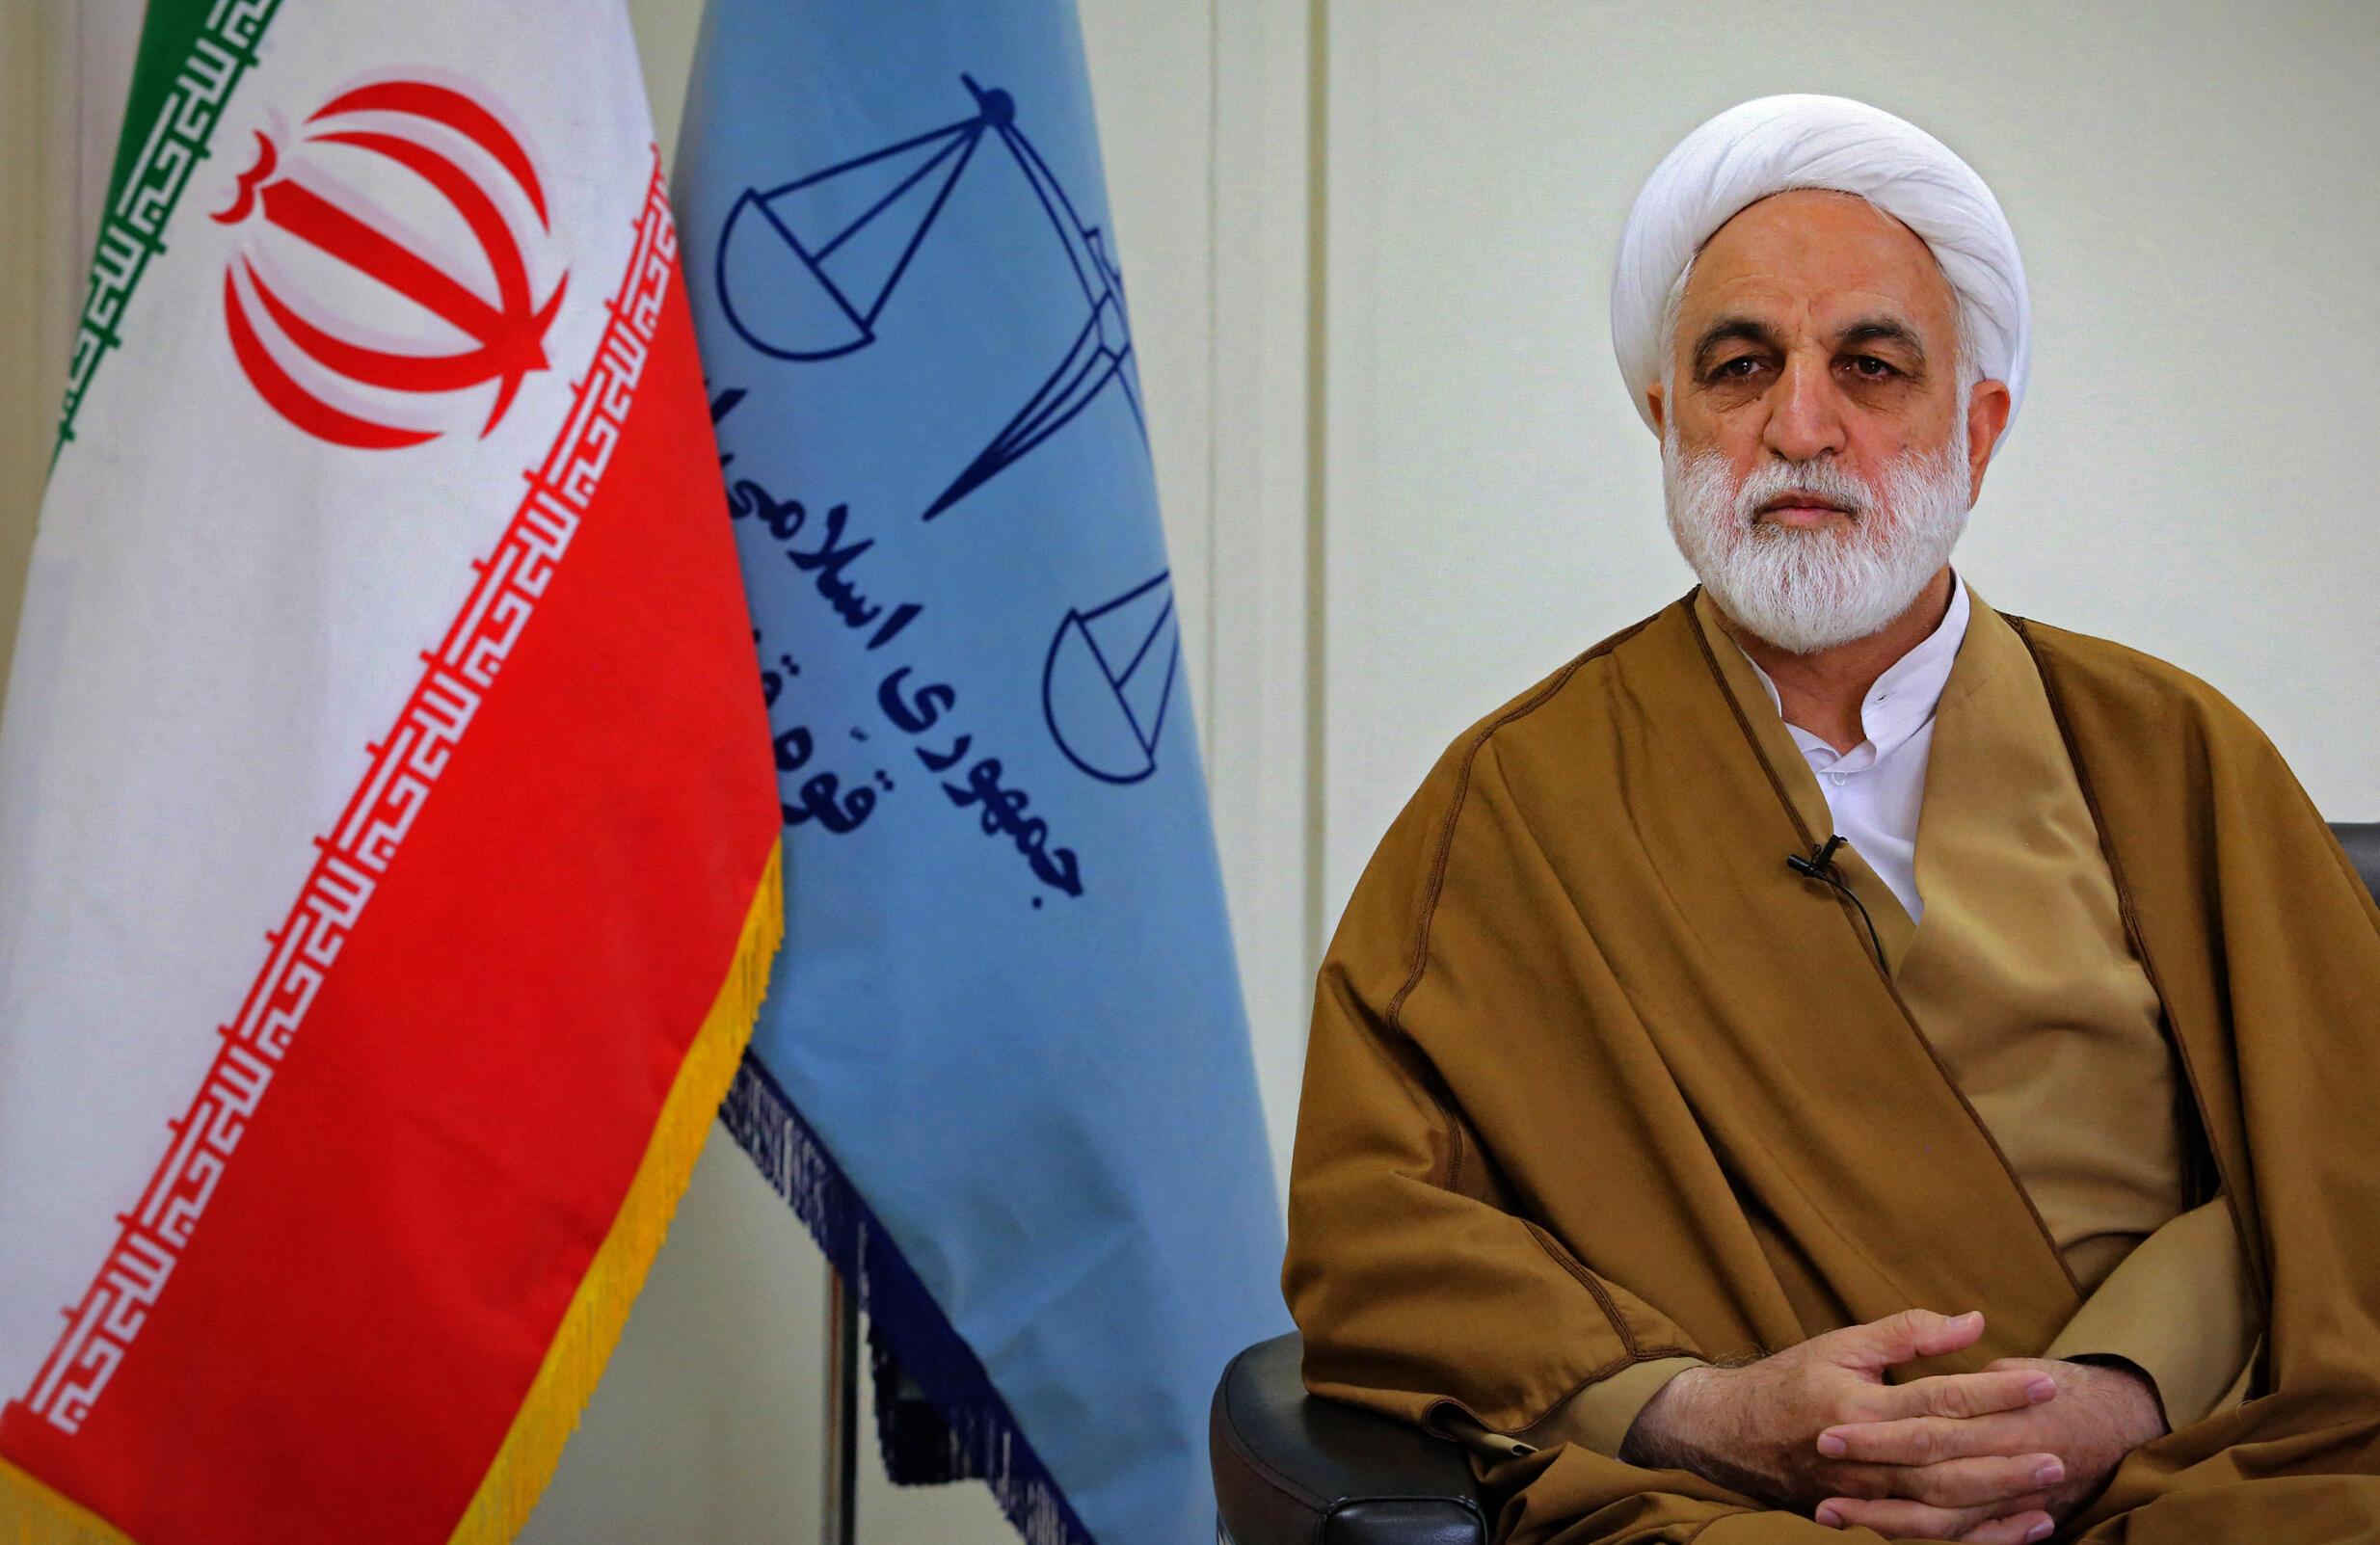 Photo non datée fournie par le site officiel du guide suprême iranien le 1er juillet 2021 qui montre le nouveau chef de l'autorité judiciaire iranienne, Gholamhossein Mohseni Ejeï.